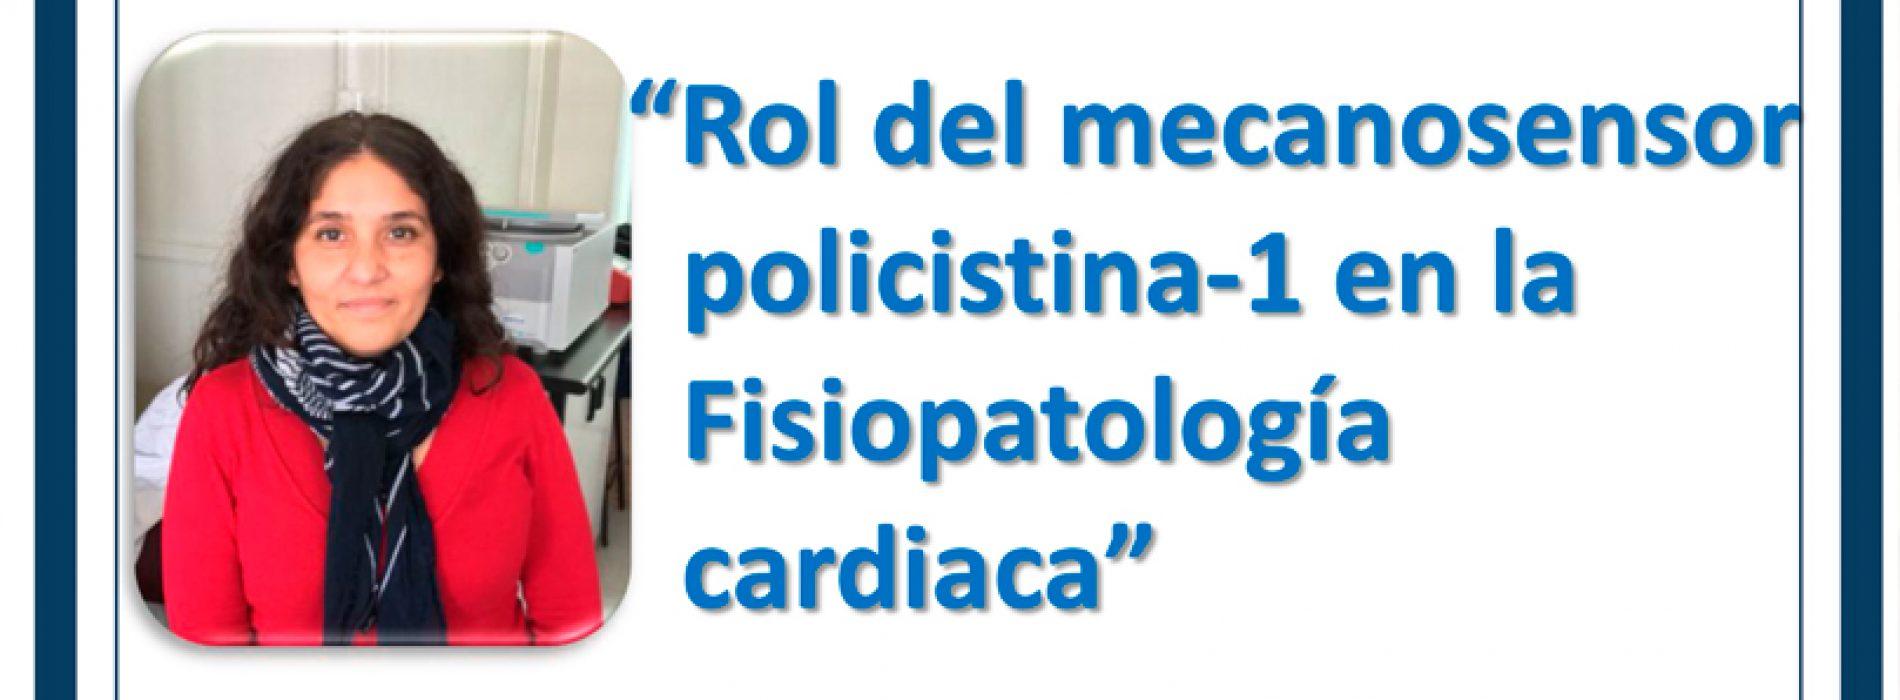 Seminario: Rol del mecanosensor policistina-1 en la Fisiopatología cardiaca